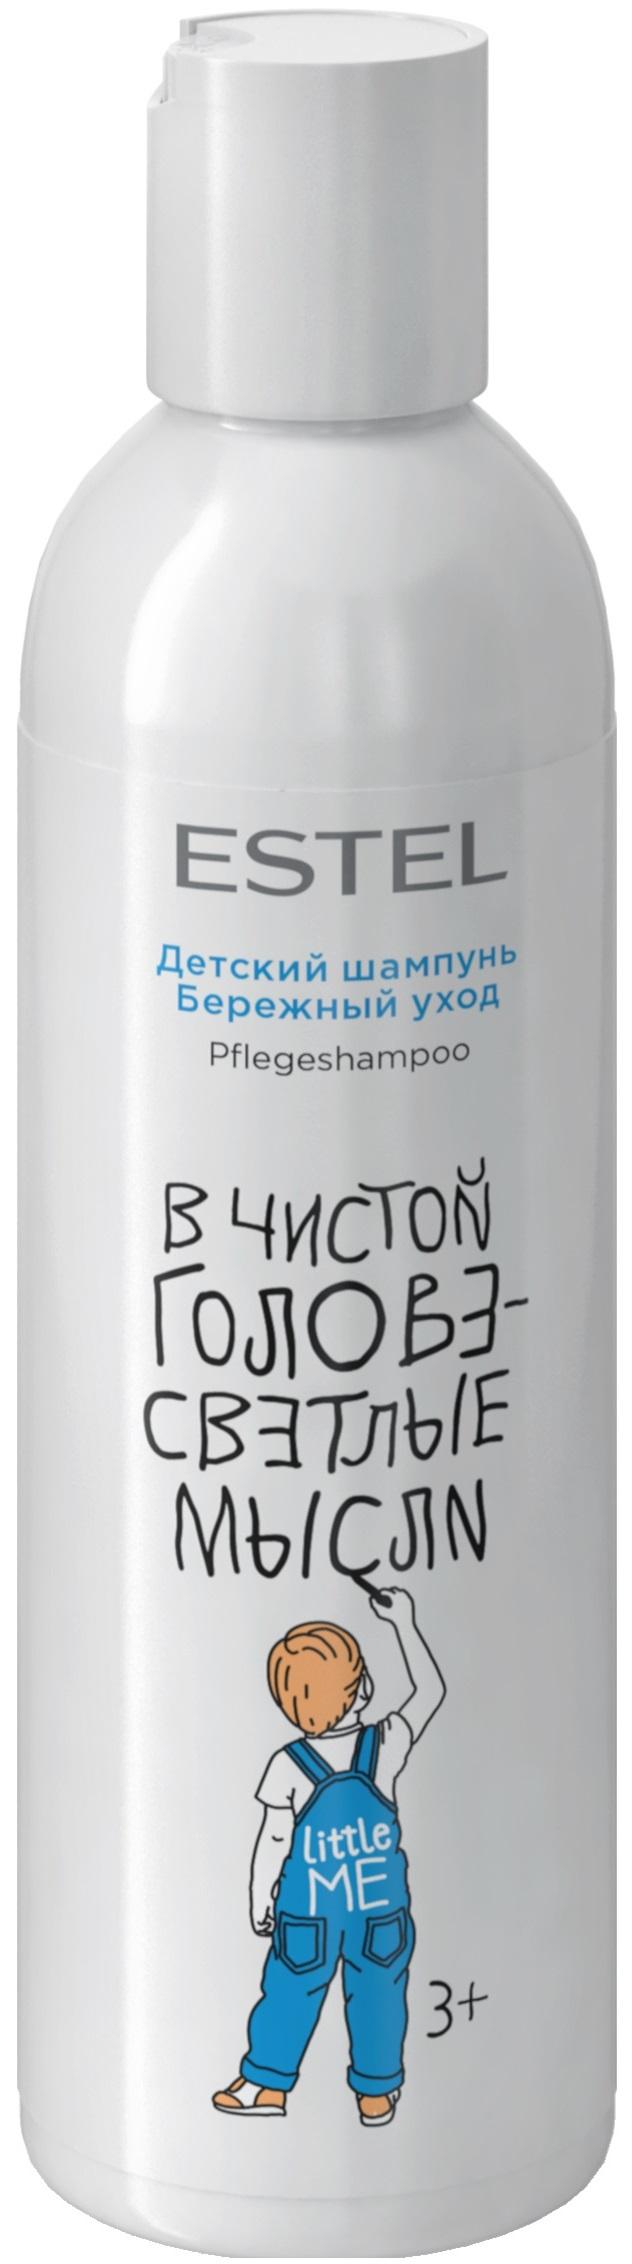 """Шампунь для волос ESTEL PROFESSIONAL LITTLE ME для ежедневного ухода """"Бережный уход"""" 200 мл"""